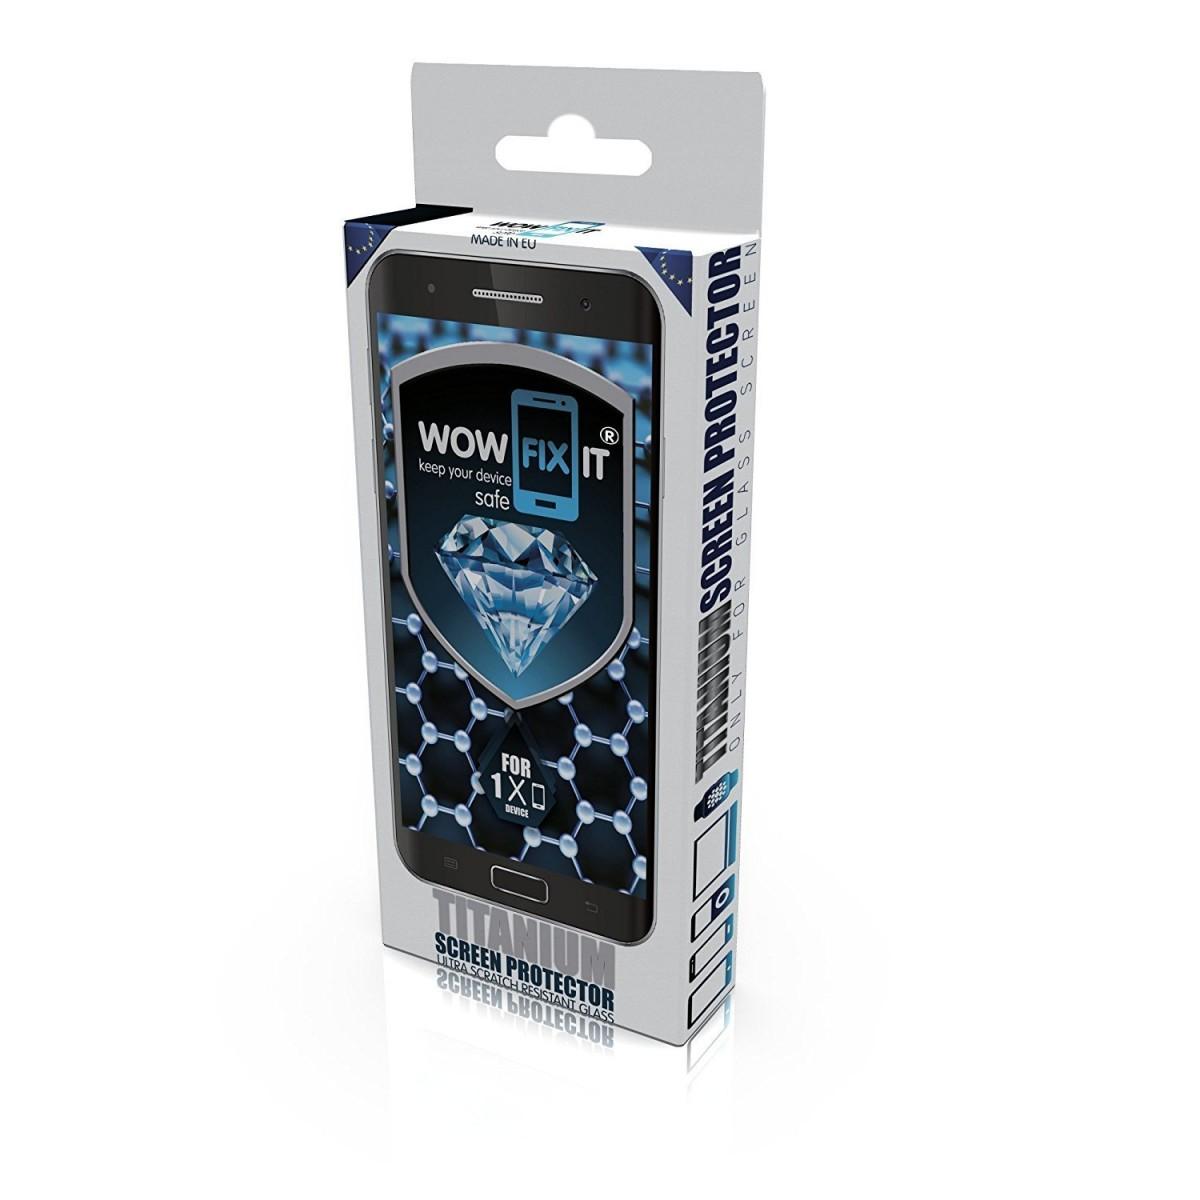 WOW FIX IT Univerzální ochranné tekuté sklo pro telefony a tablety / tvrdost 9H (WOW102FIX)